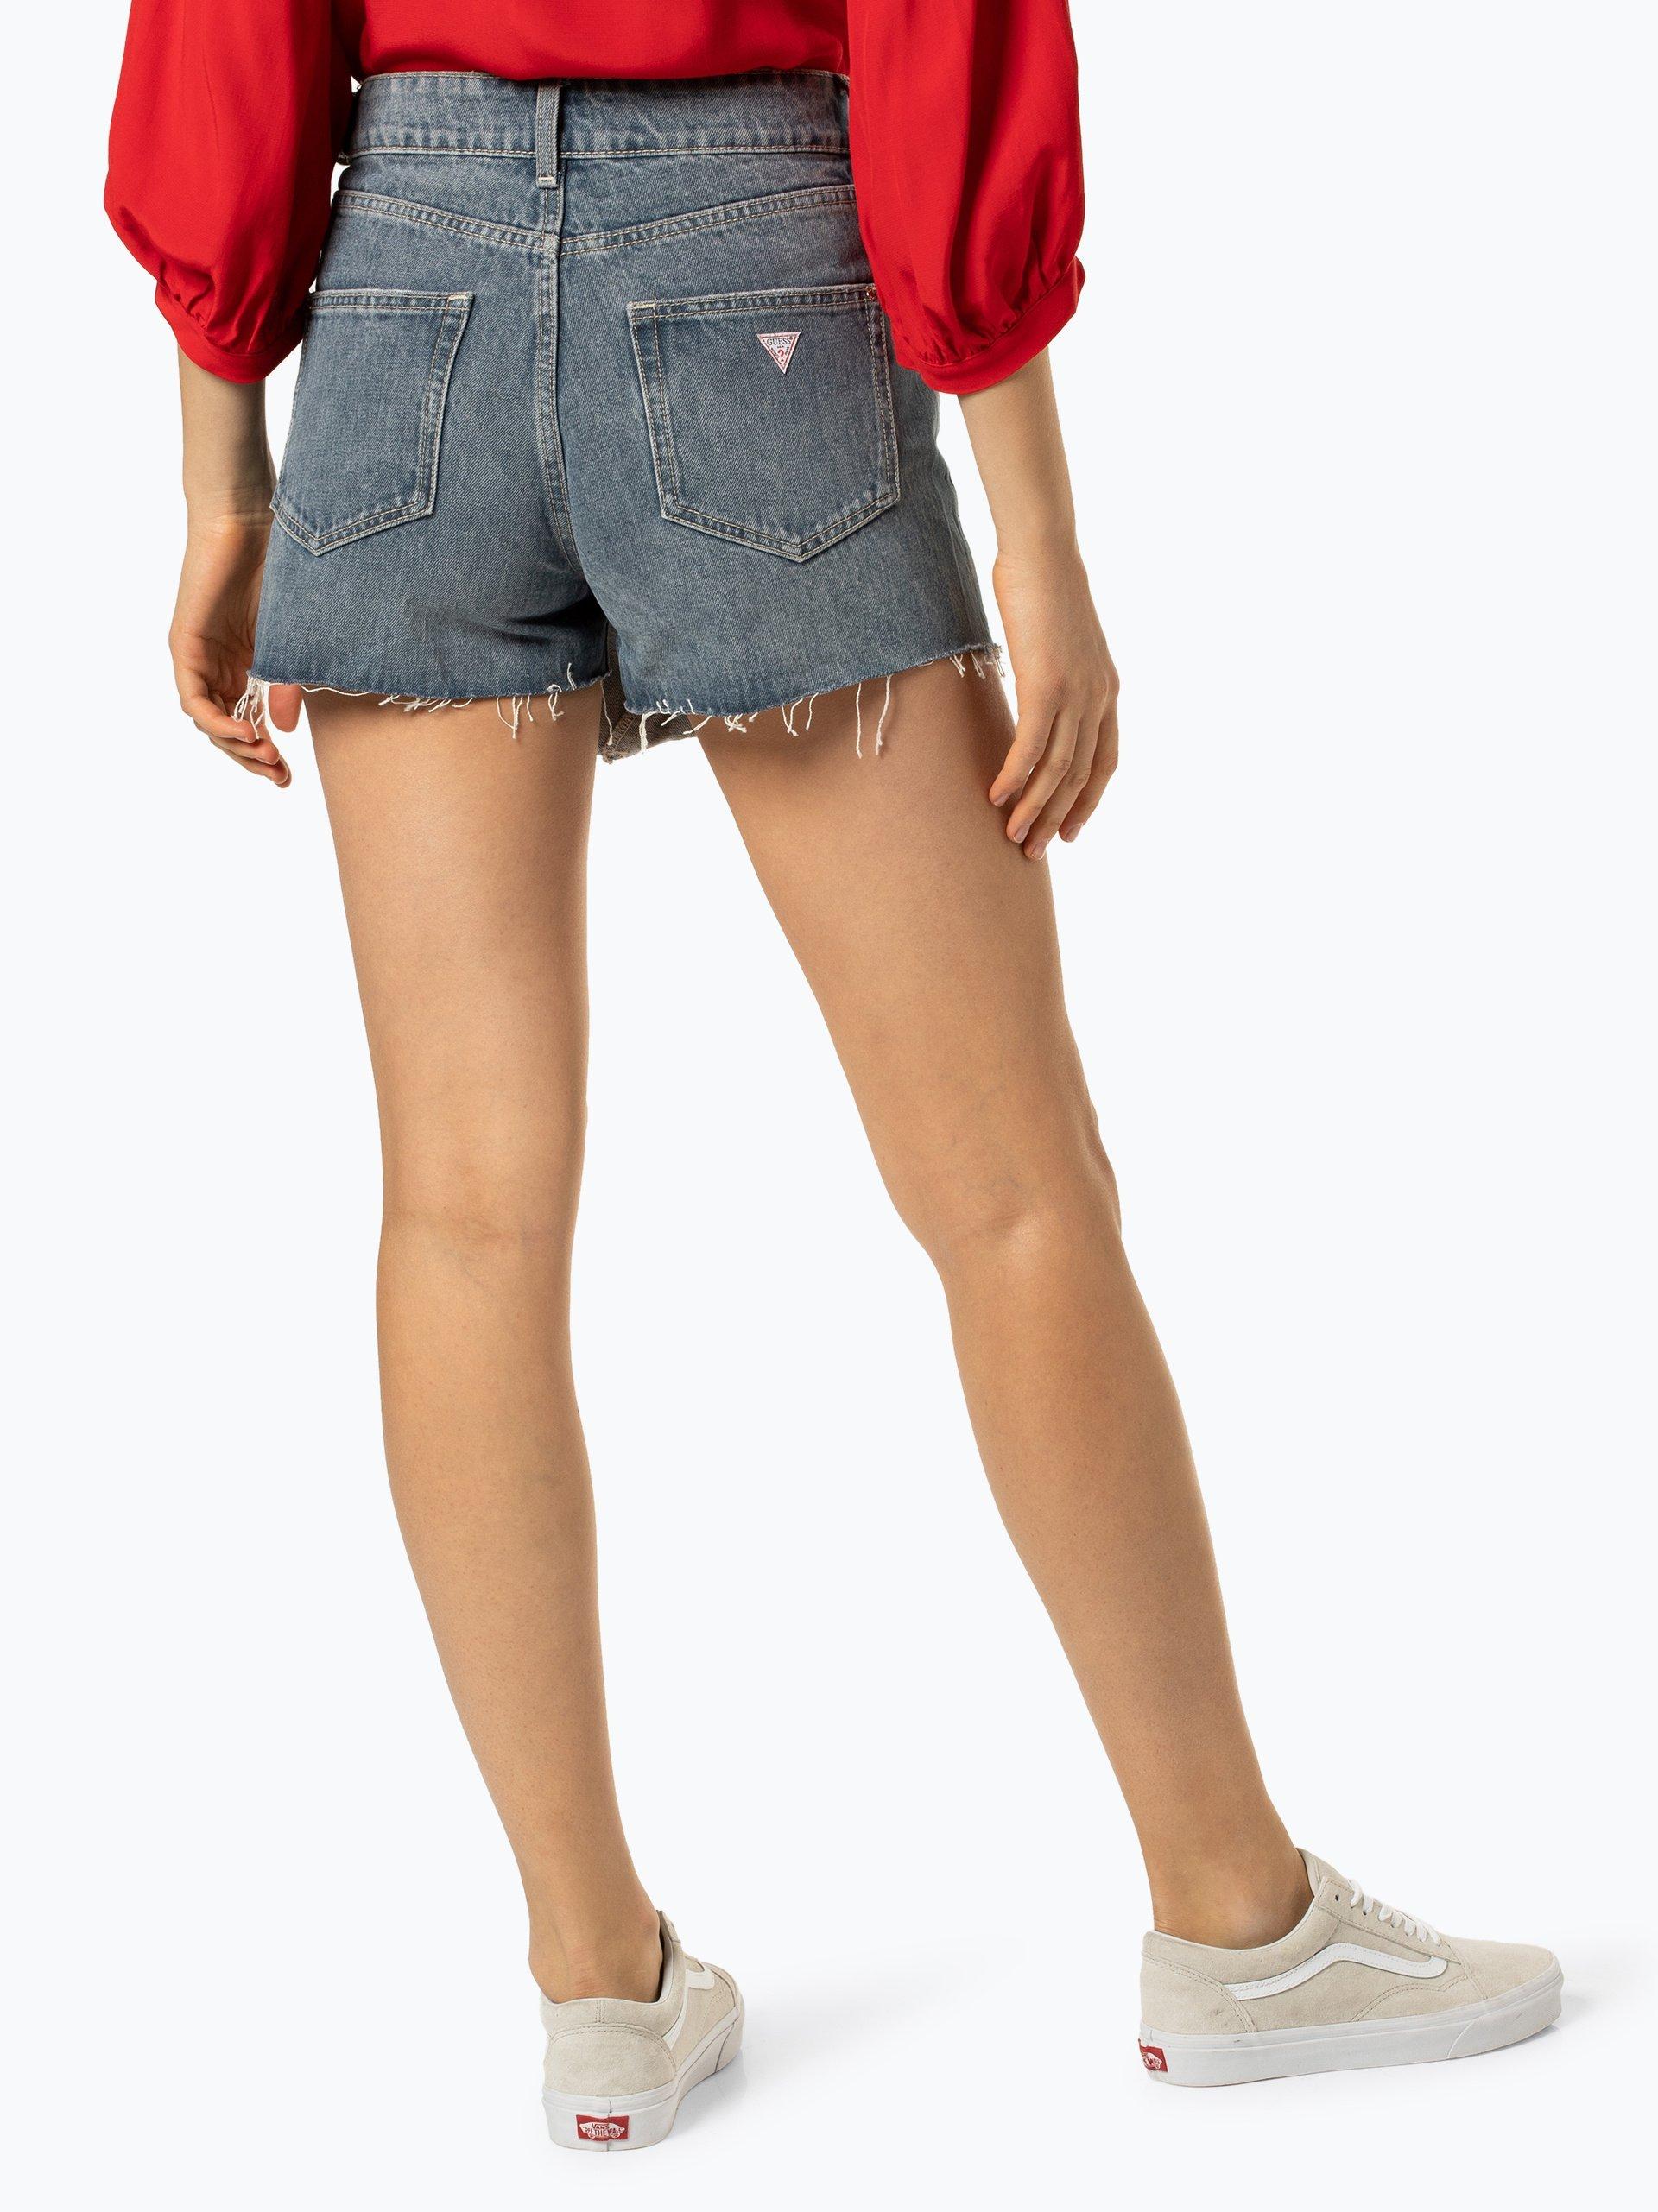 Guess Jeans Damskie krótkie spodenki jeansowe